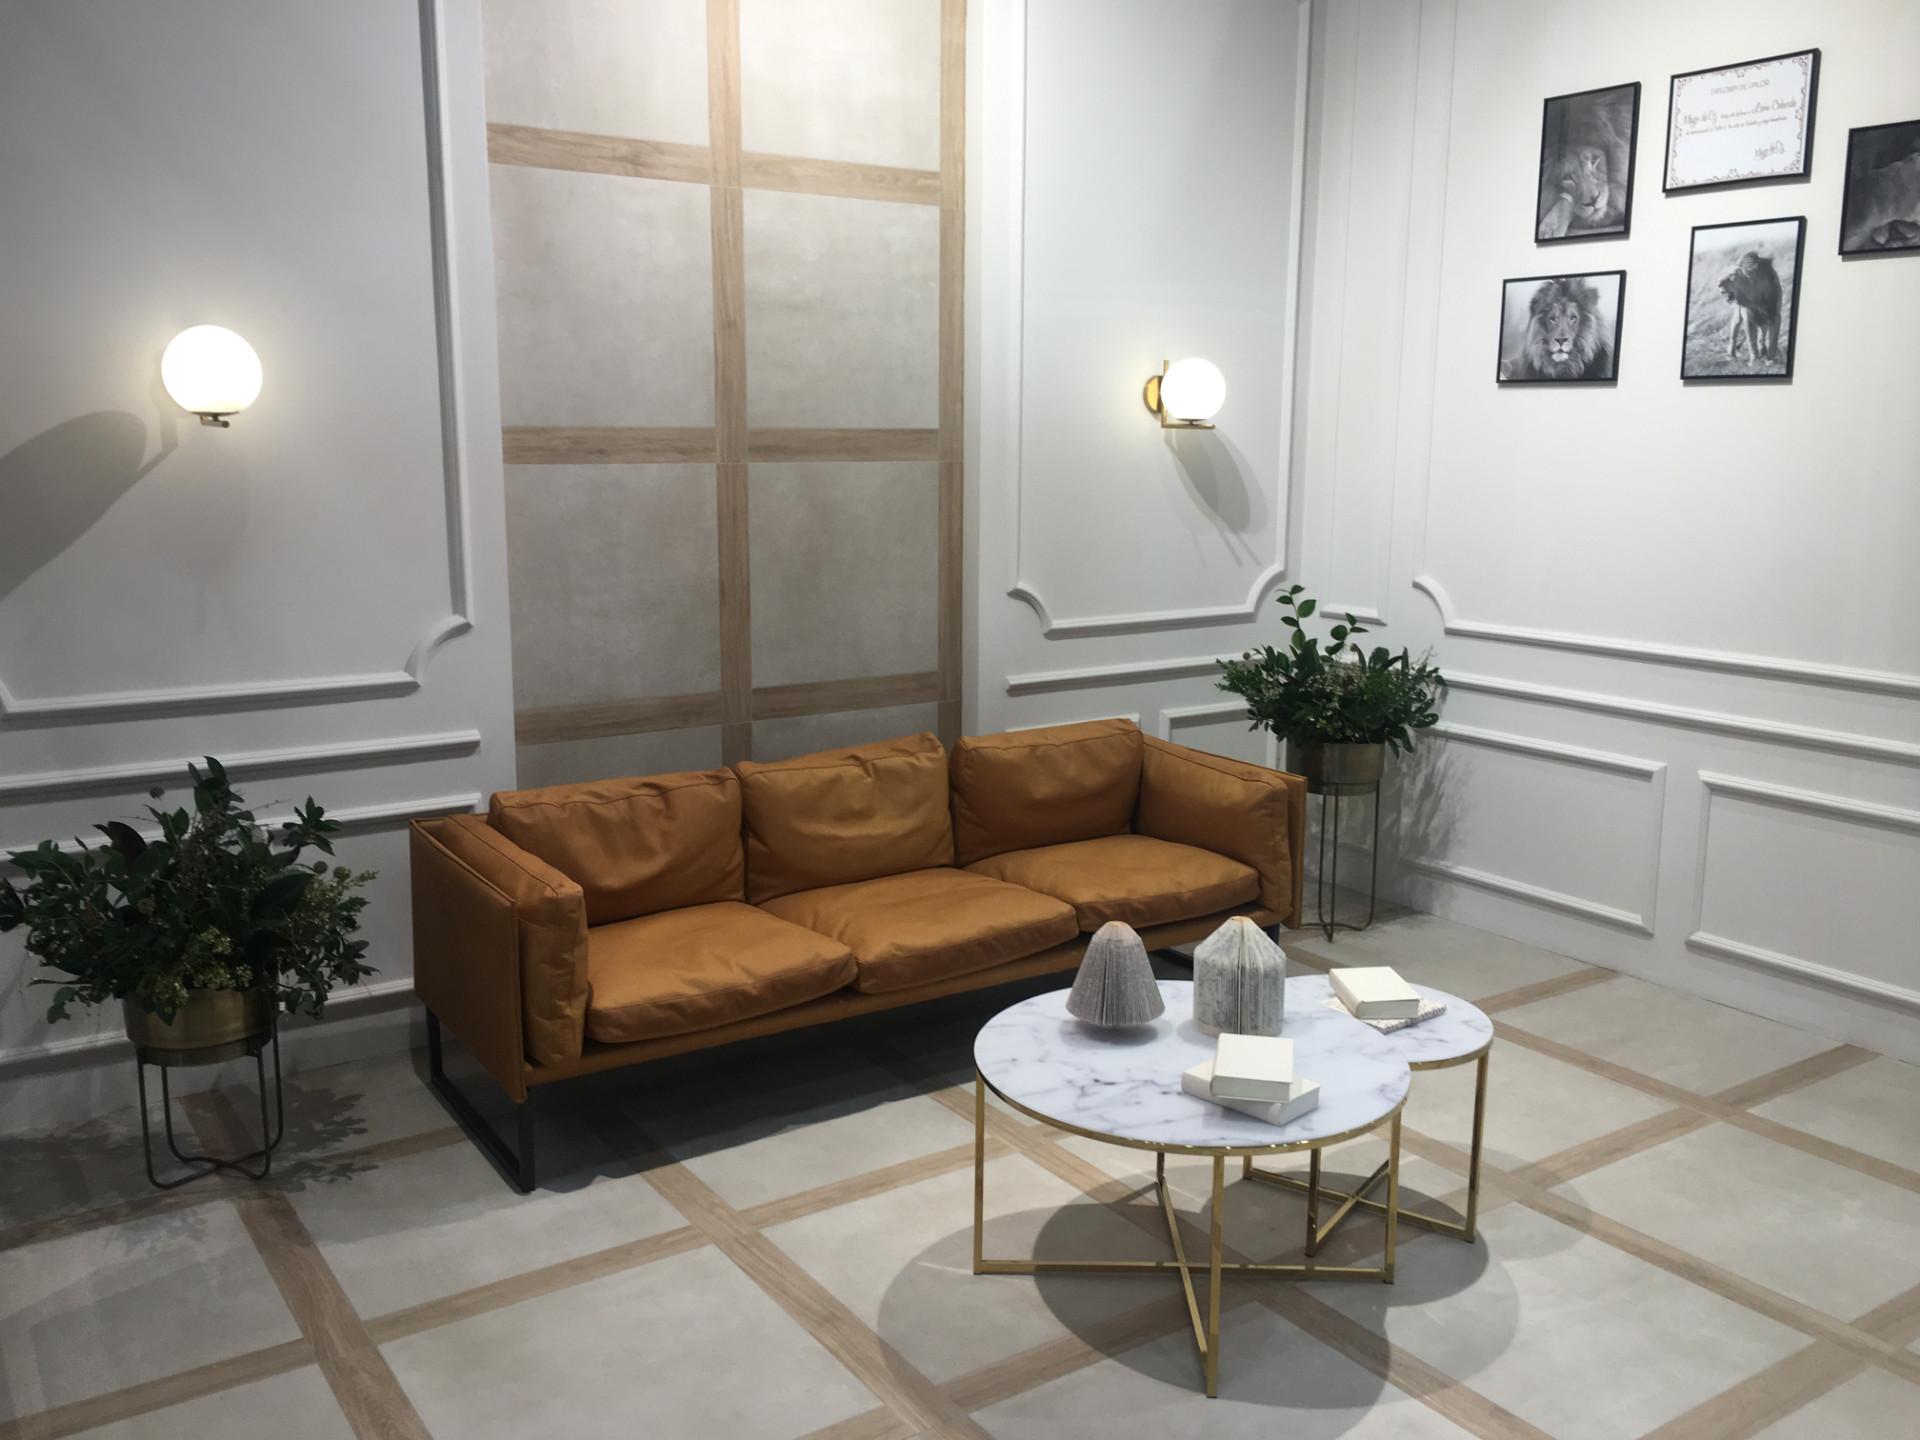 cevisama-feria-evento-internacional-ceramica-banos-piedra-feria-valencia-2019-7